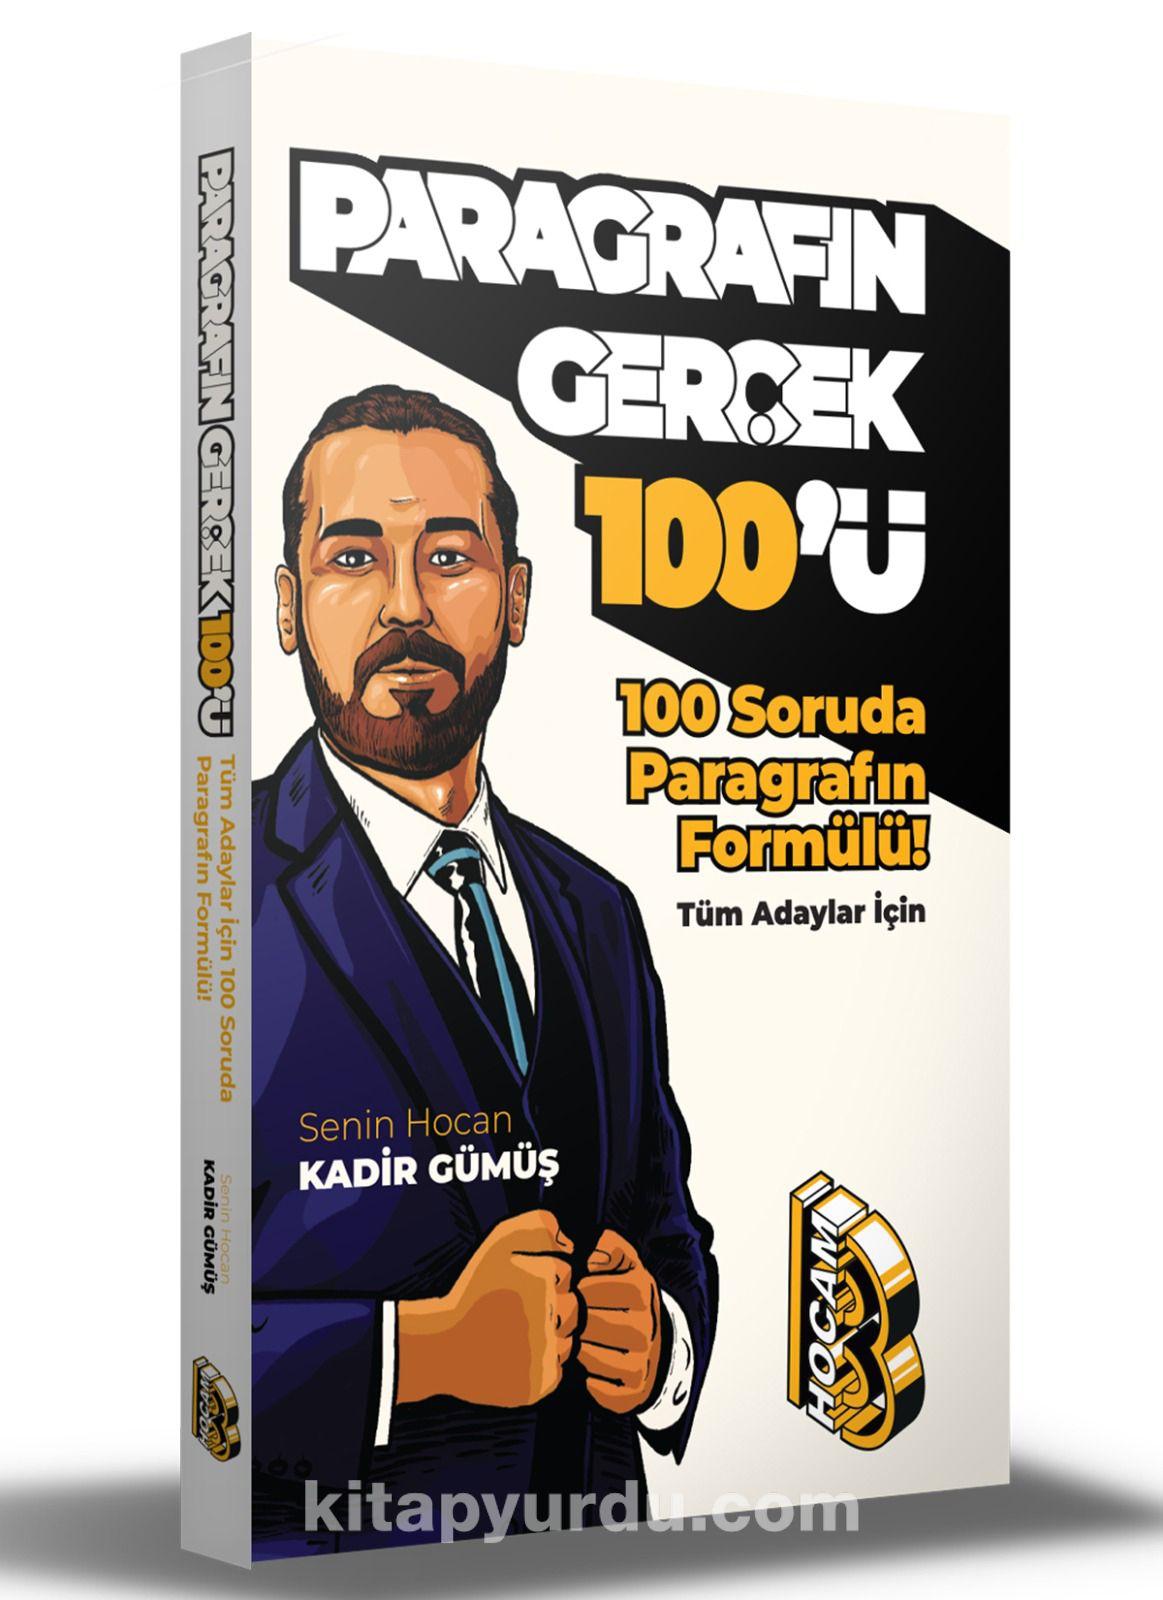 100 Soruda Paragrafın Formülü - Paragrafın Gerçek Yüzü PDF Kitap İndir